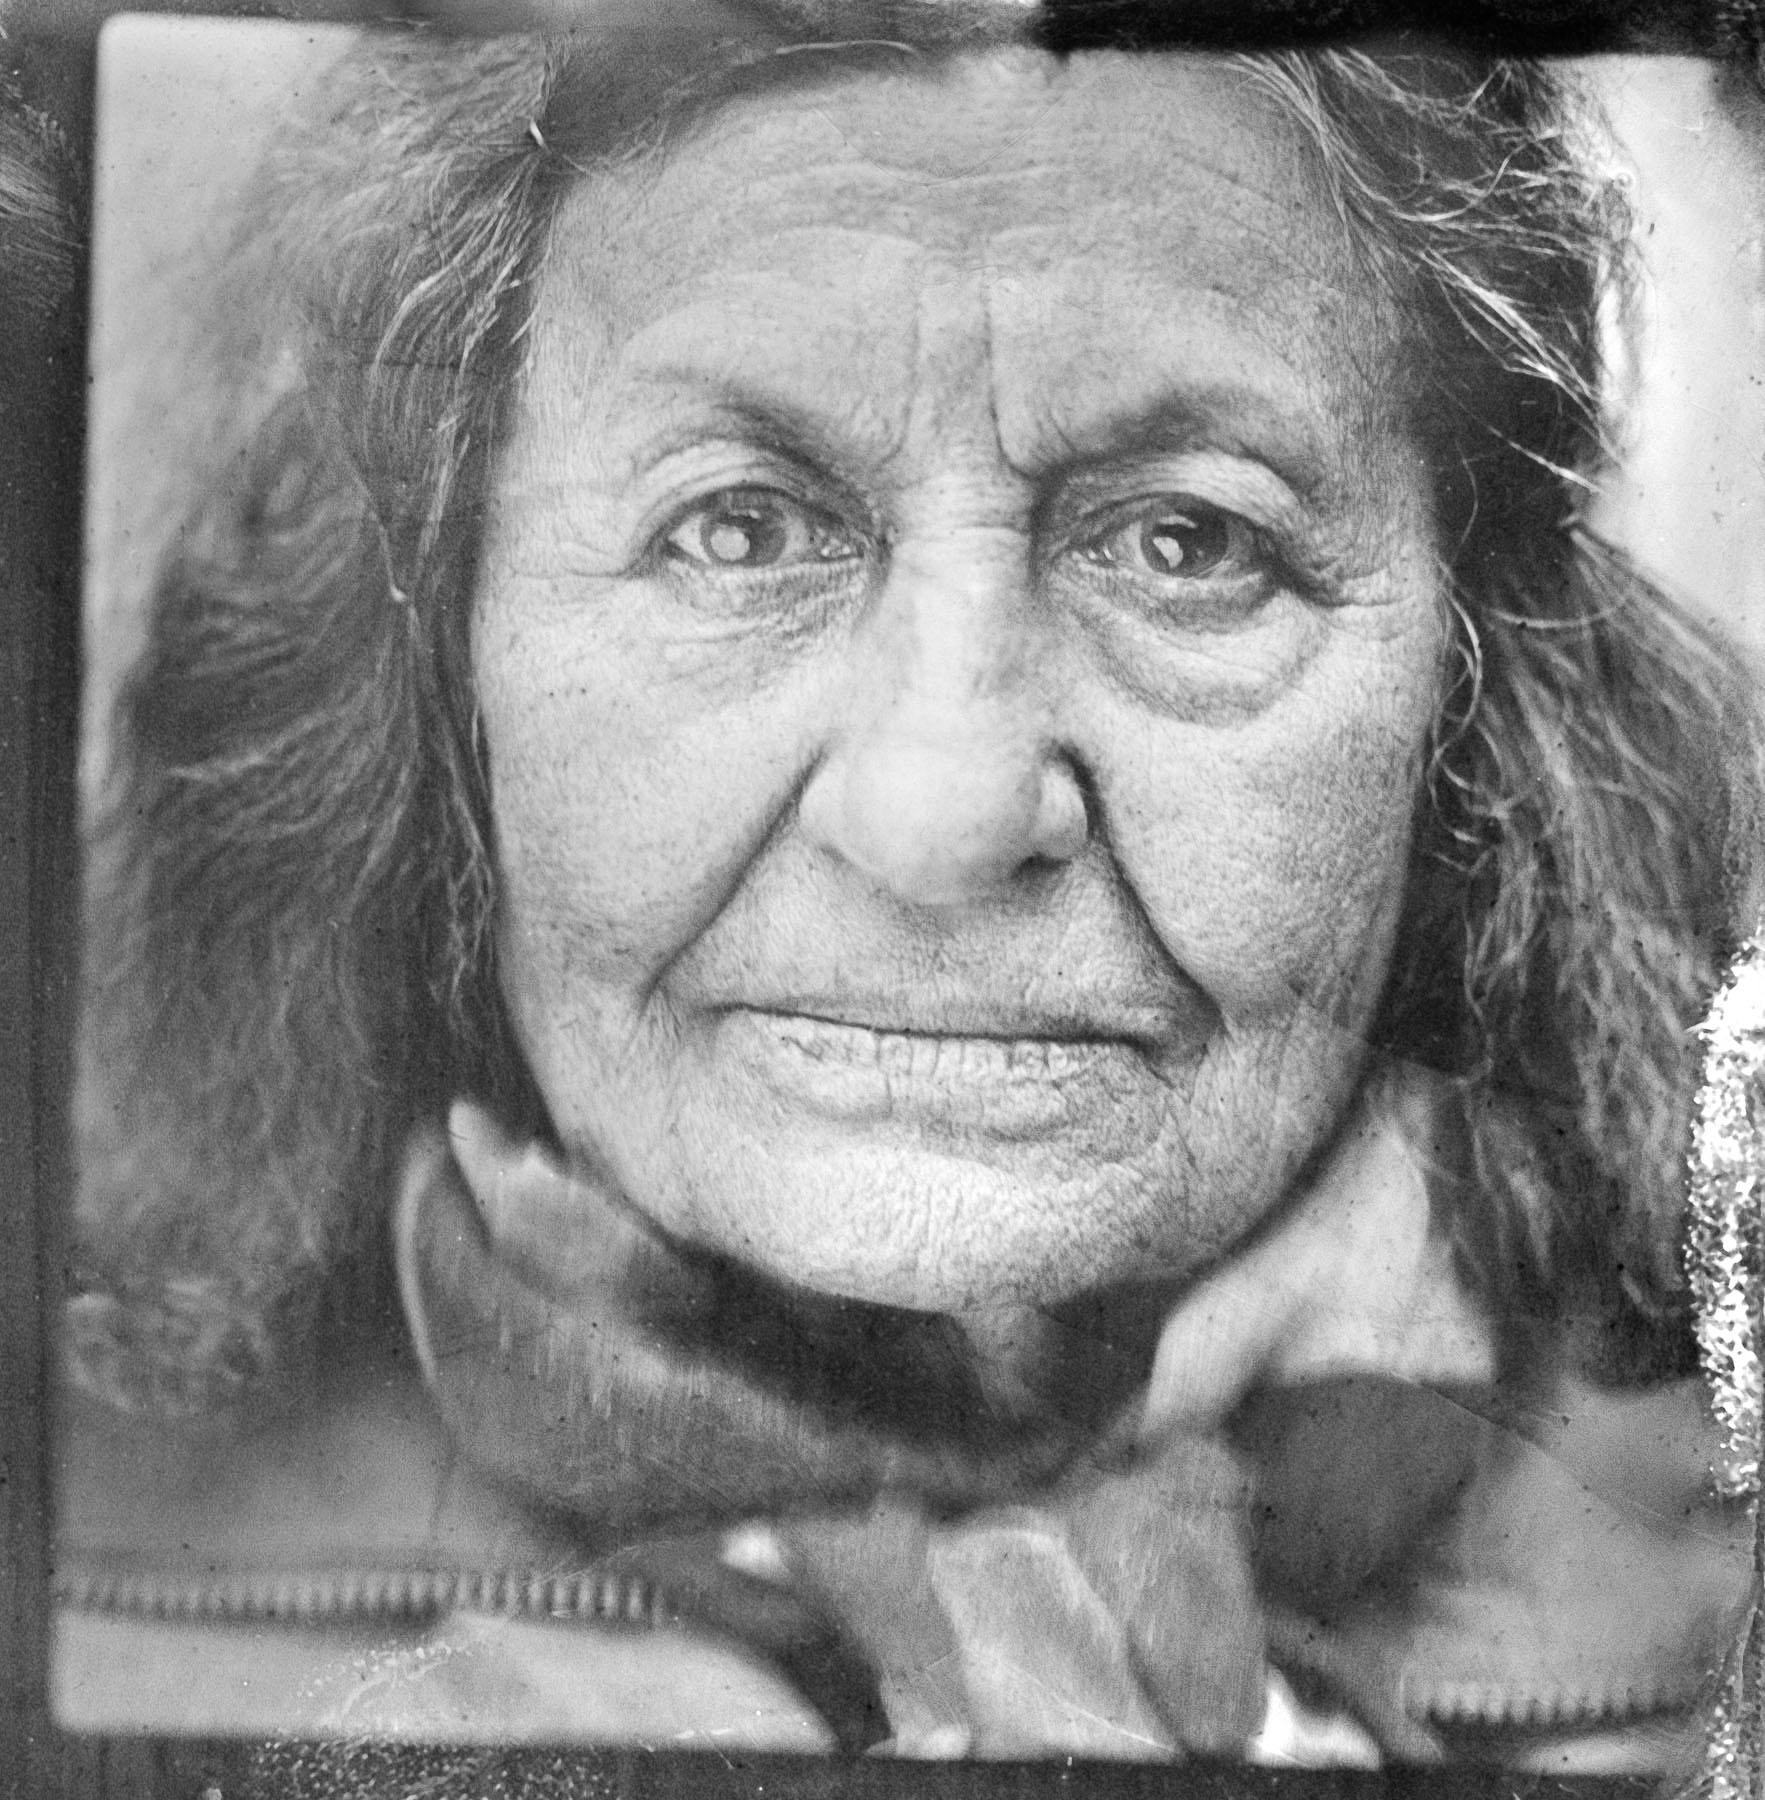 kolodium-jan-kratochvil-trebic-fotograf